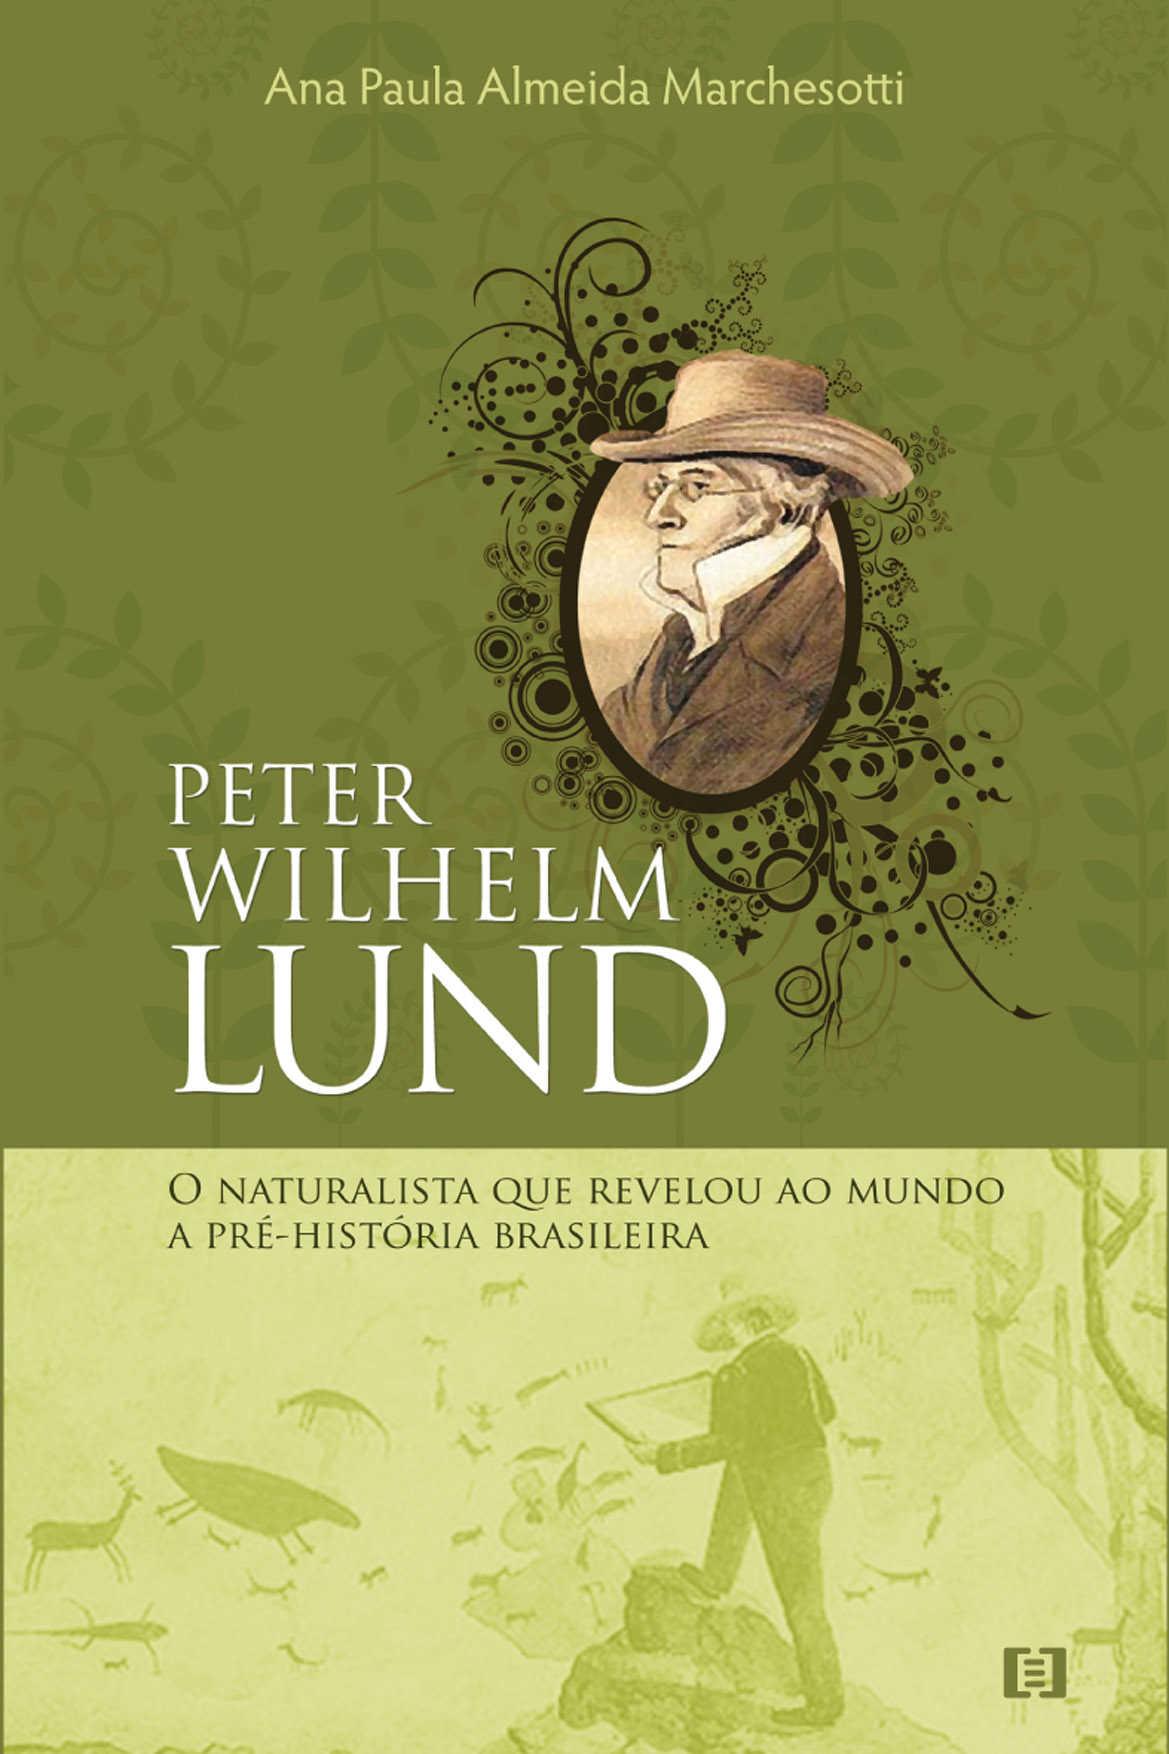 Peter Wilhelm Lund: O naturalista que revelou ao mundo a pré-história brasileira